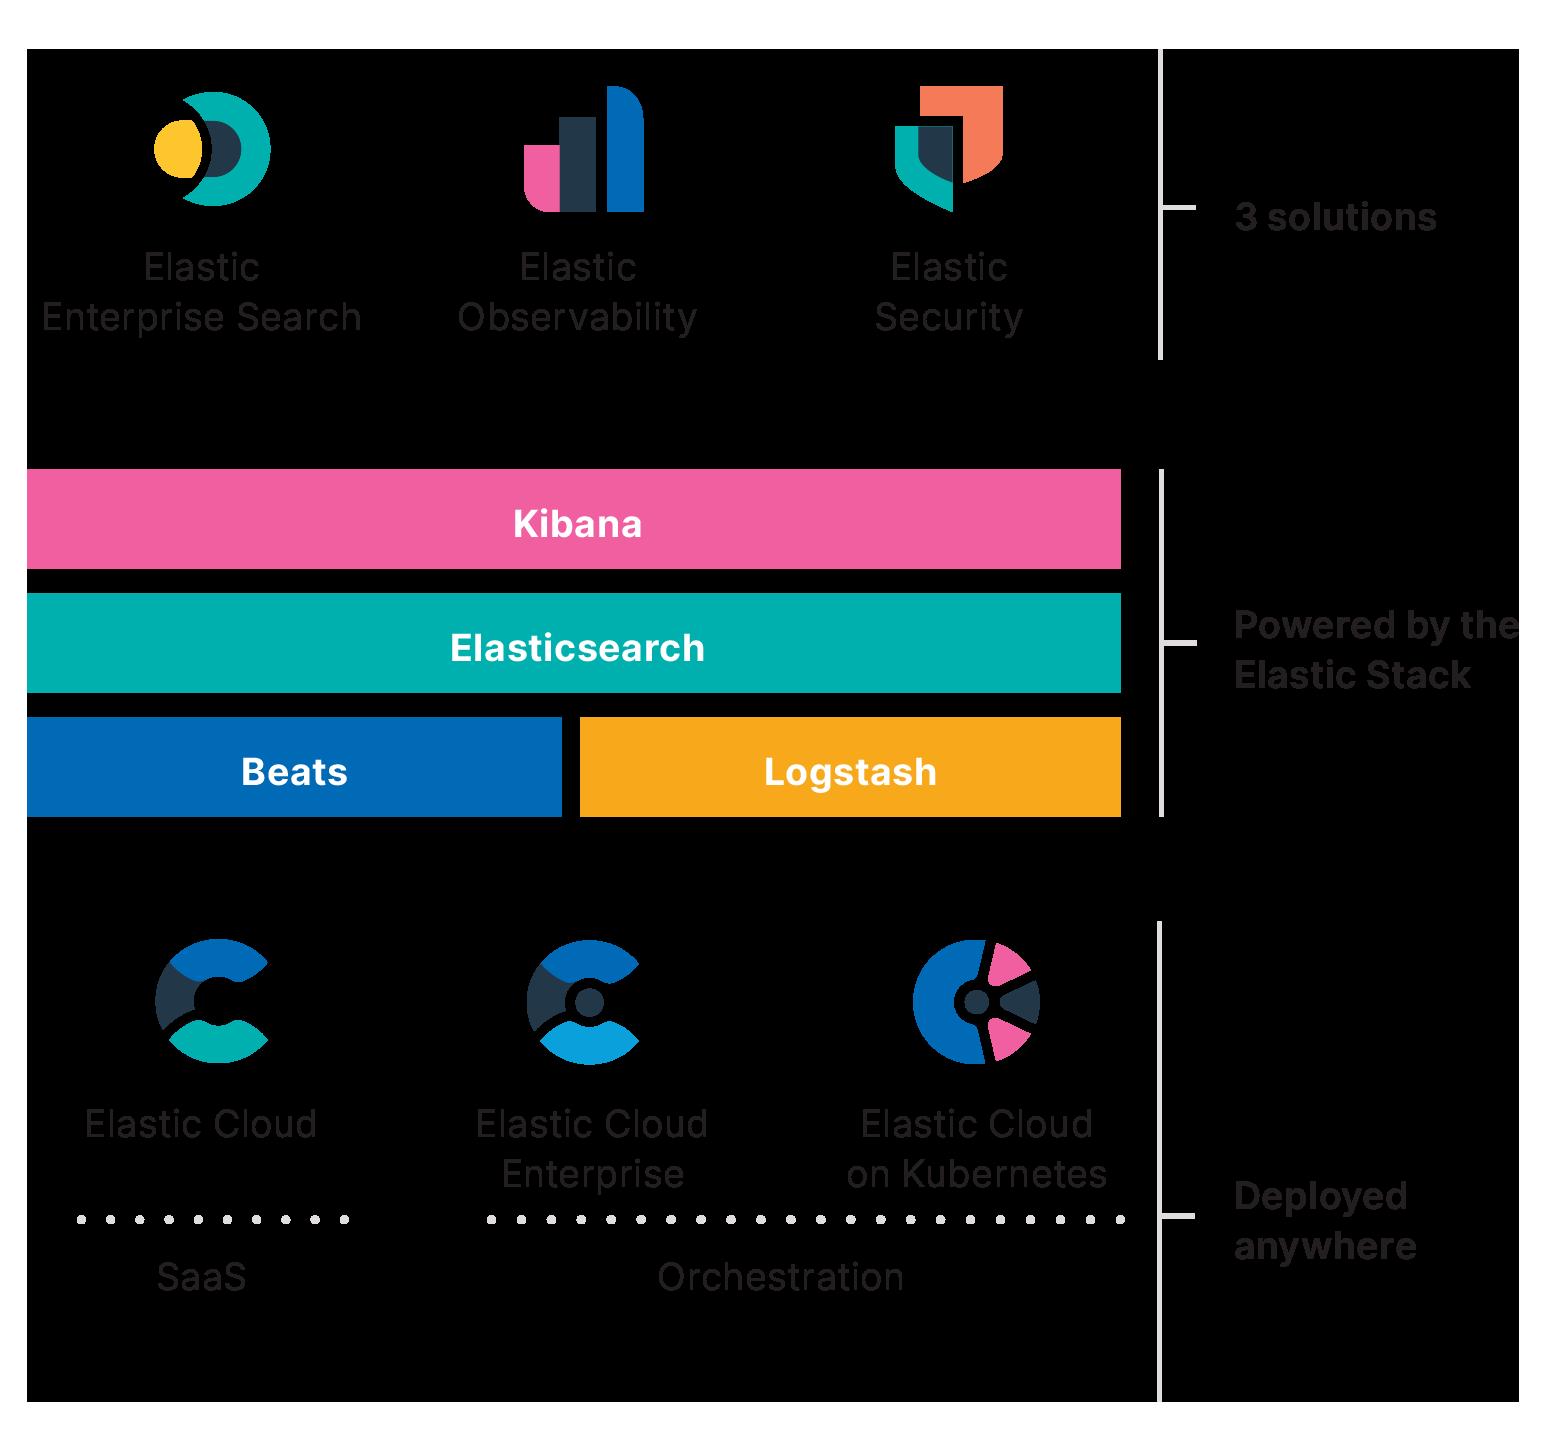 Zeigt drei Lösungen, den Elastic Stack und verwandte Produkte sowie die Elastic Cloud.